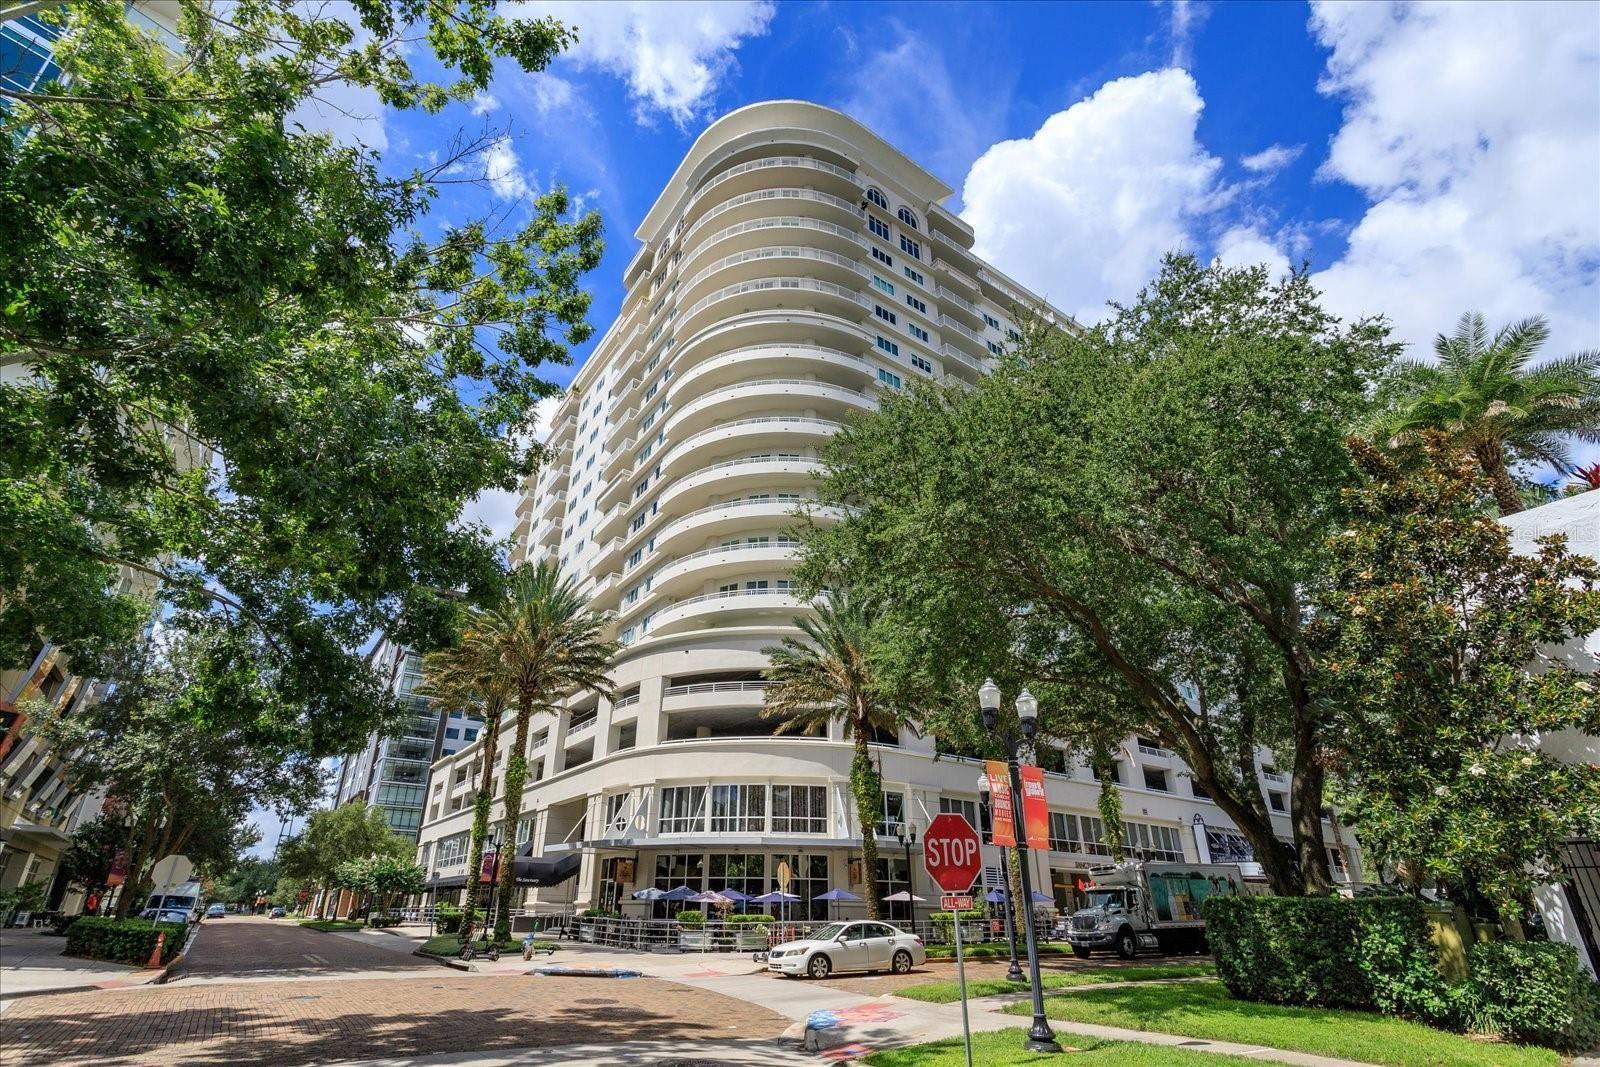 100 S EOLA DRIVE #612, Orlando, FL 32801 - #: O5959232